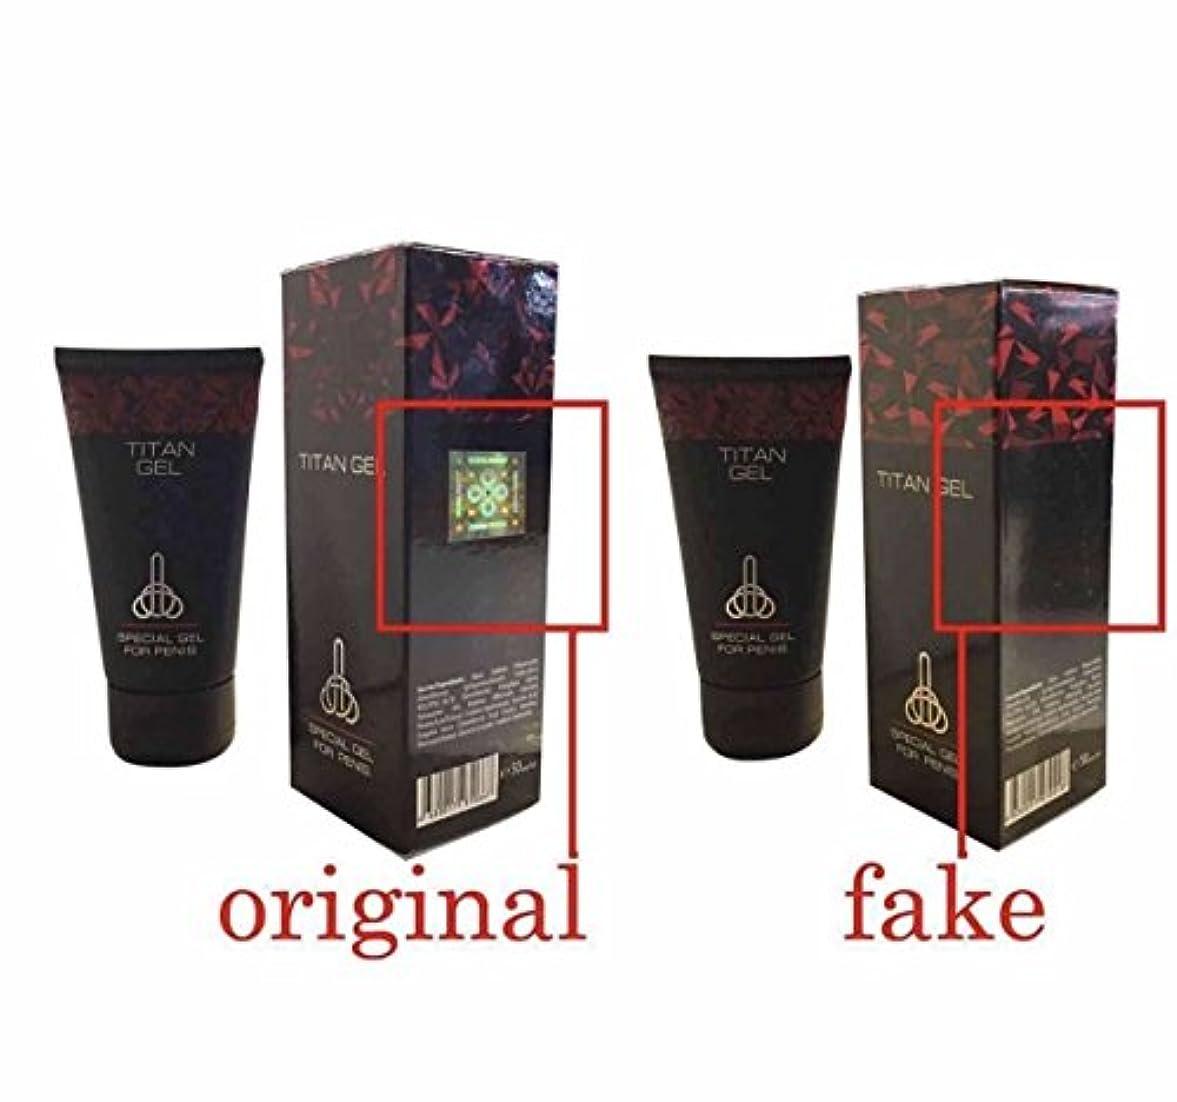 ナース特別な端末タイタンジェル Titan gel 50ml 2箱セット 日本語説明付き [並行輸入品]